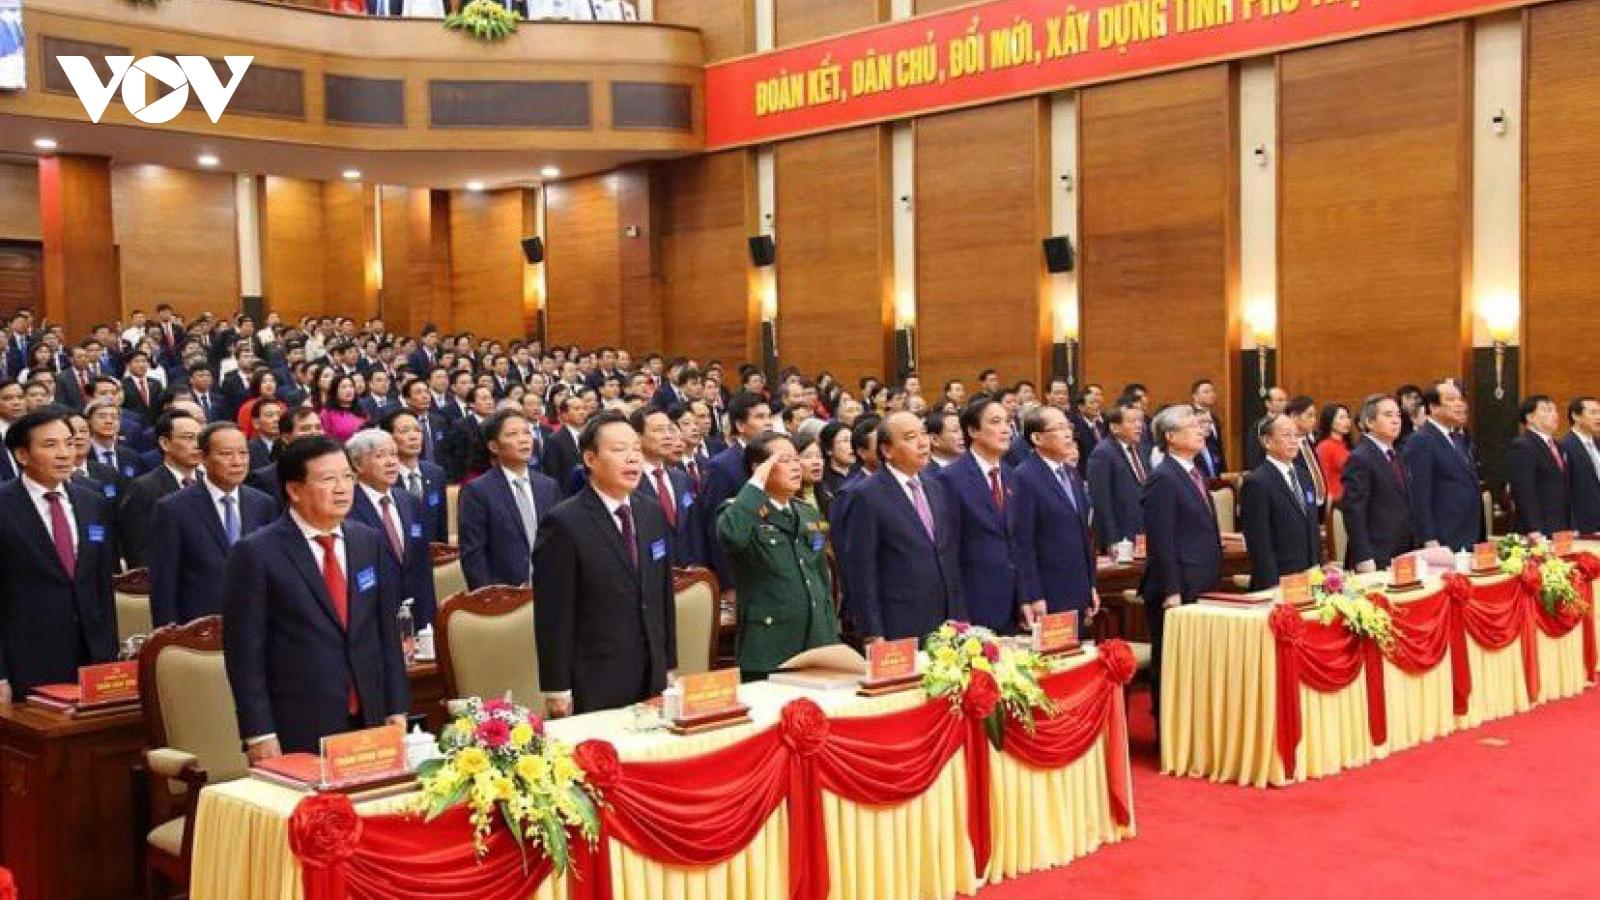 Thủ tướng dự Đại hội đại biểu Đảng bộ tỉnh Phú Thọ lần thứ XIX